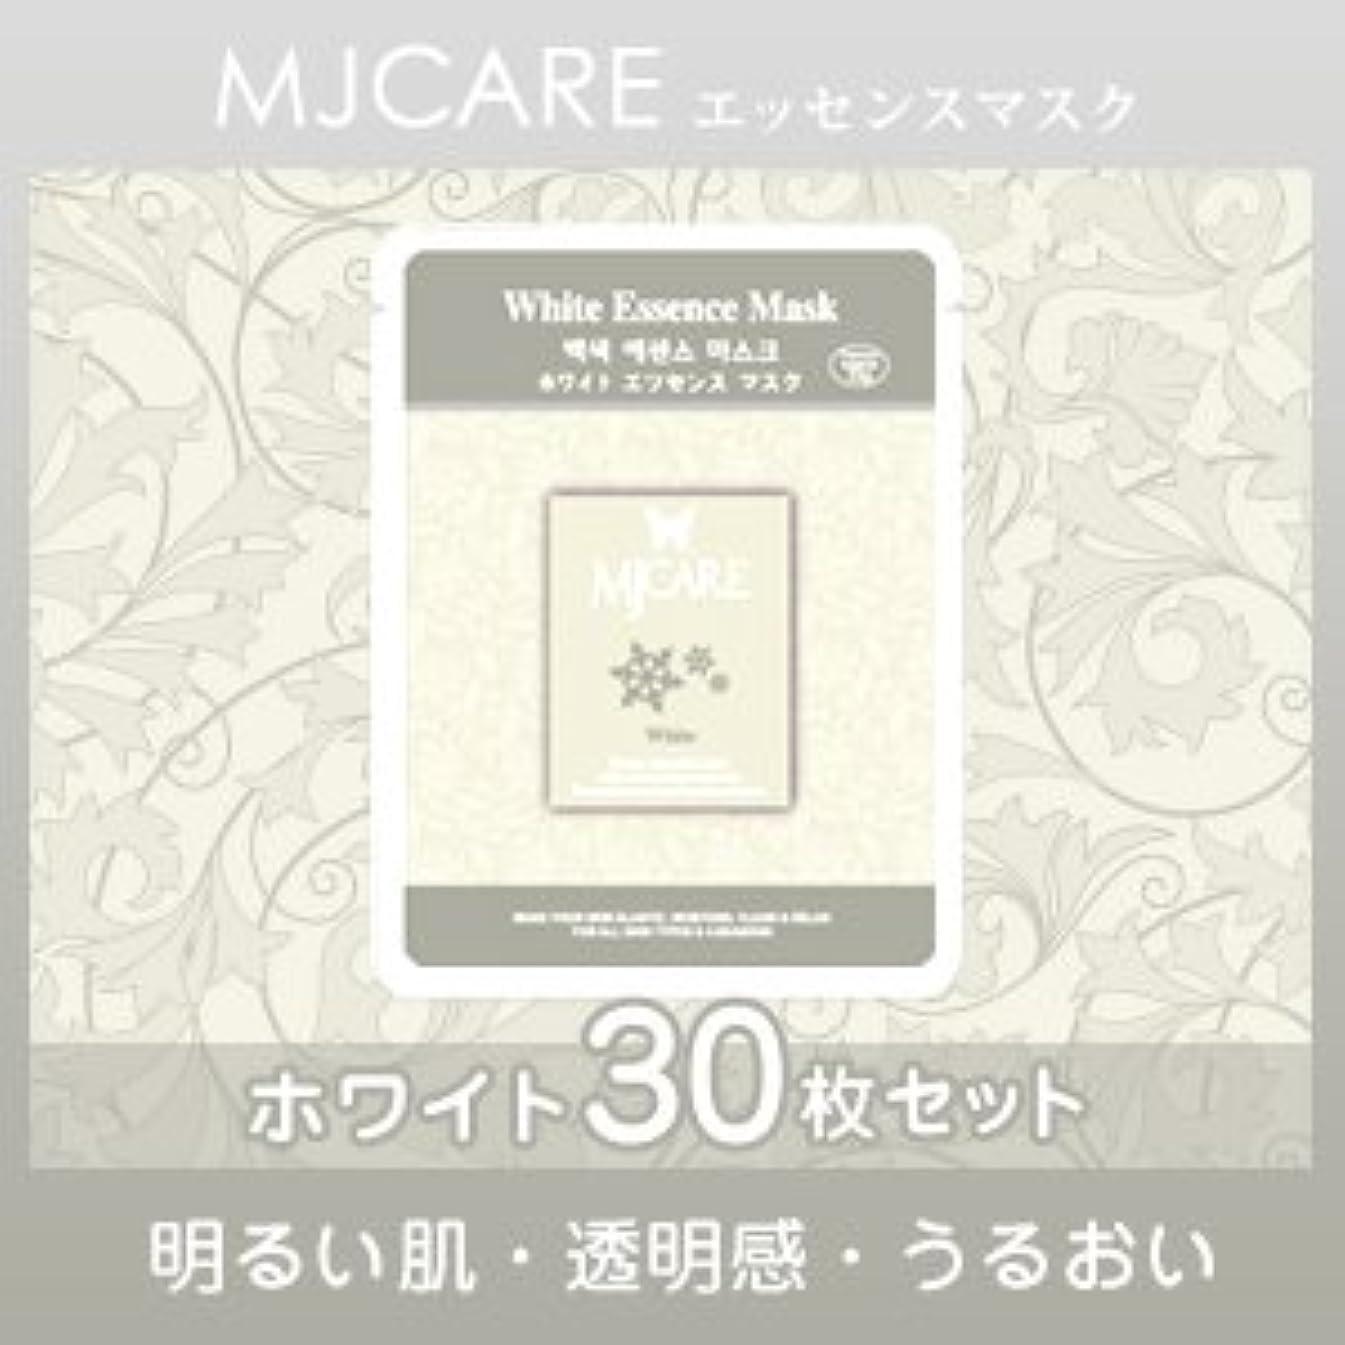 ホーム浪費慈善MJCARE (エムジェイケア) ホワイト エッセンスマスク 30セット